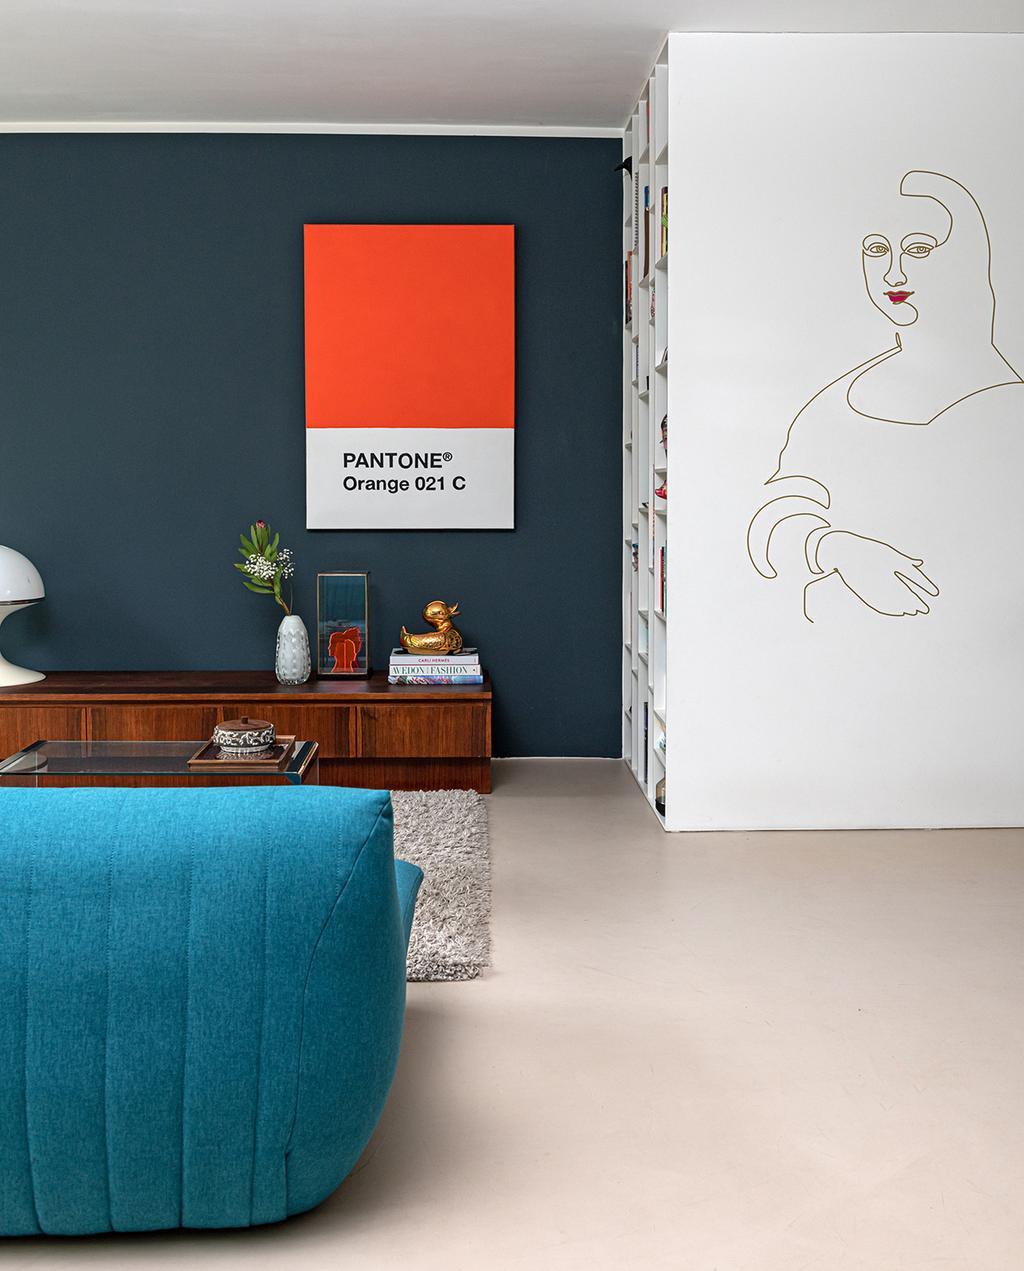 vtwonen 04-2021 | schilderij in woonkamer van pantone kleur